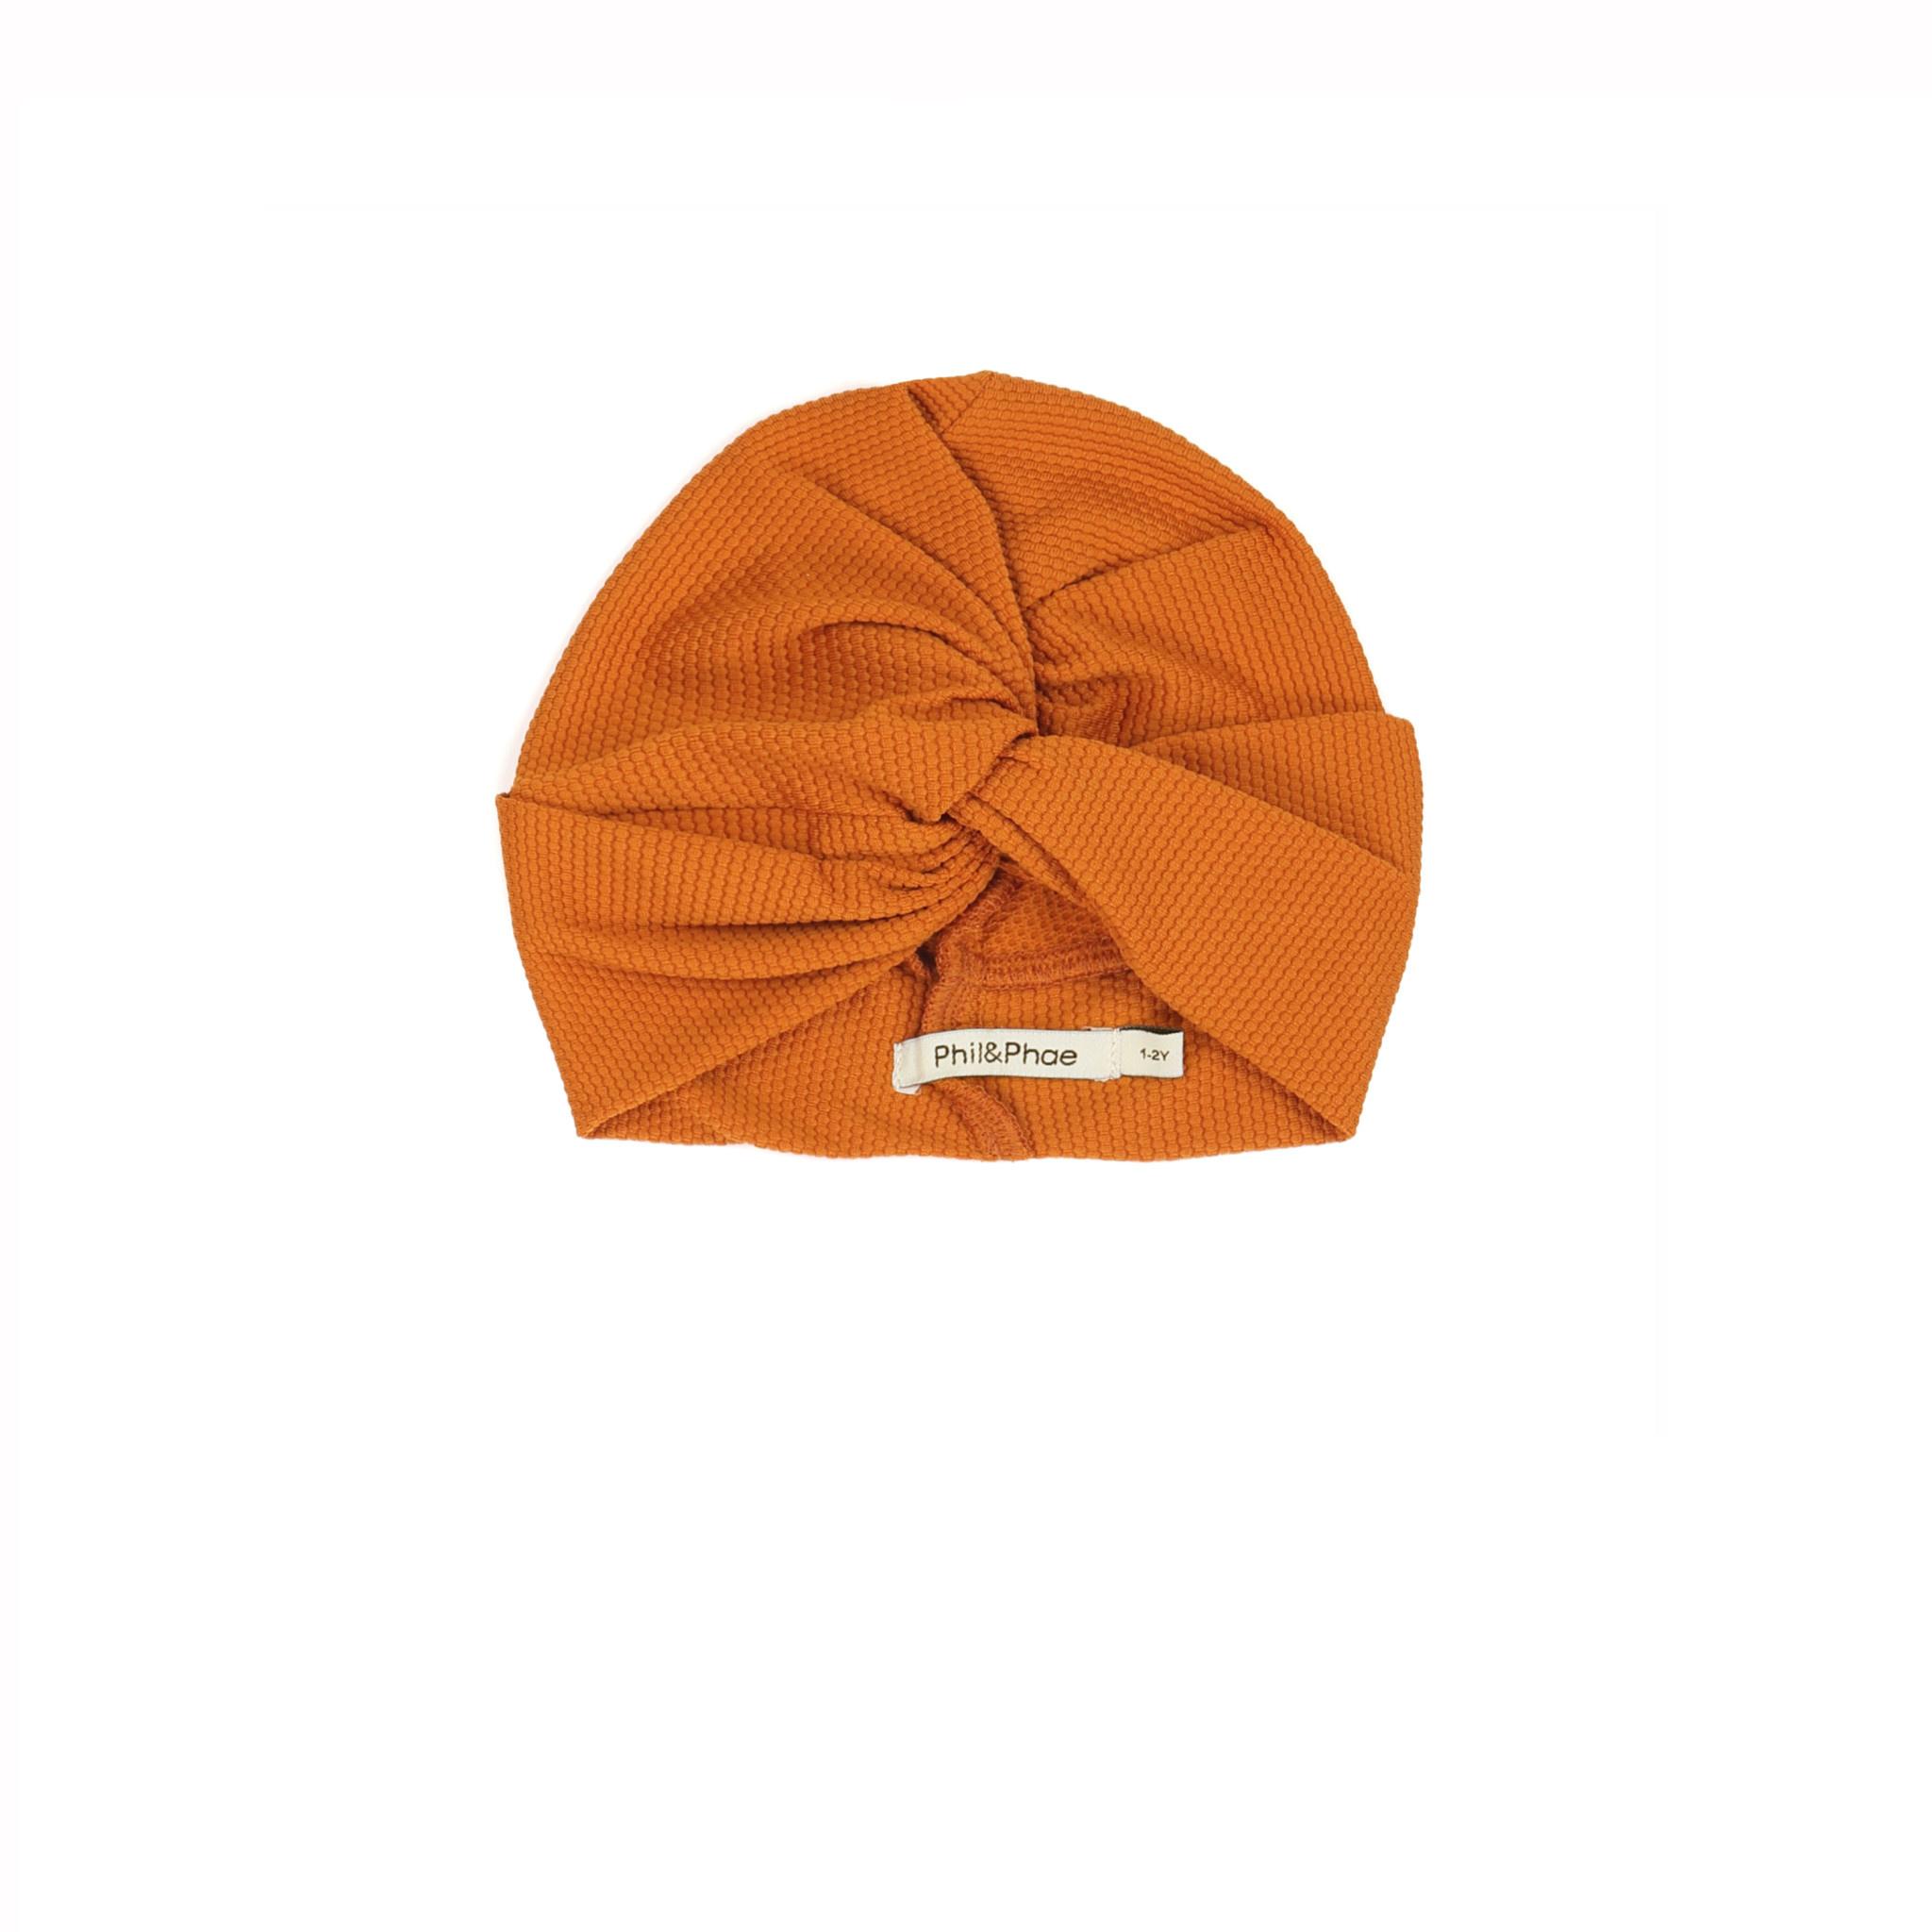 Phil&Phae Phil & Phae - UV Bonnet Tangerine